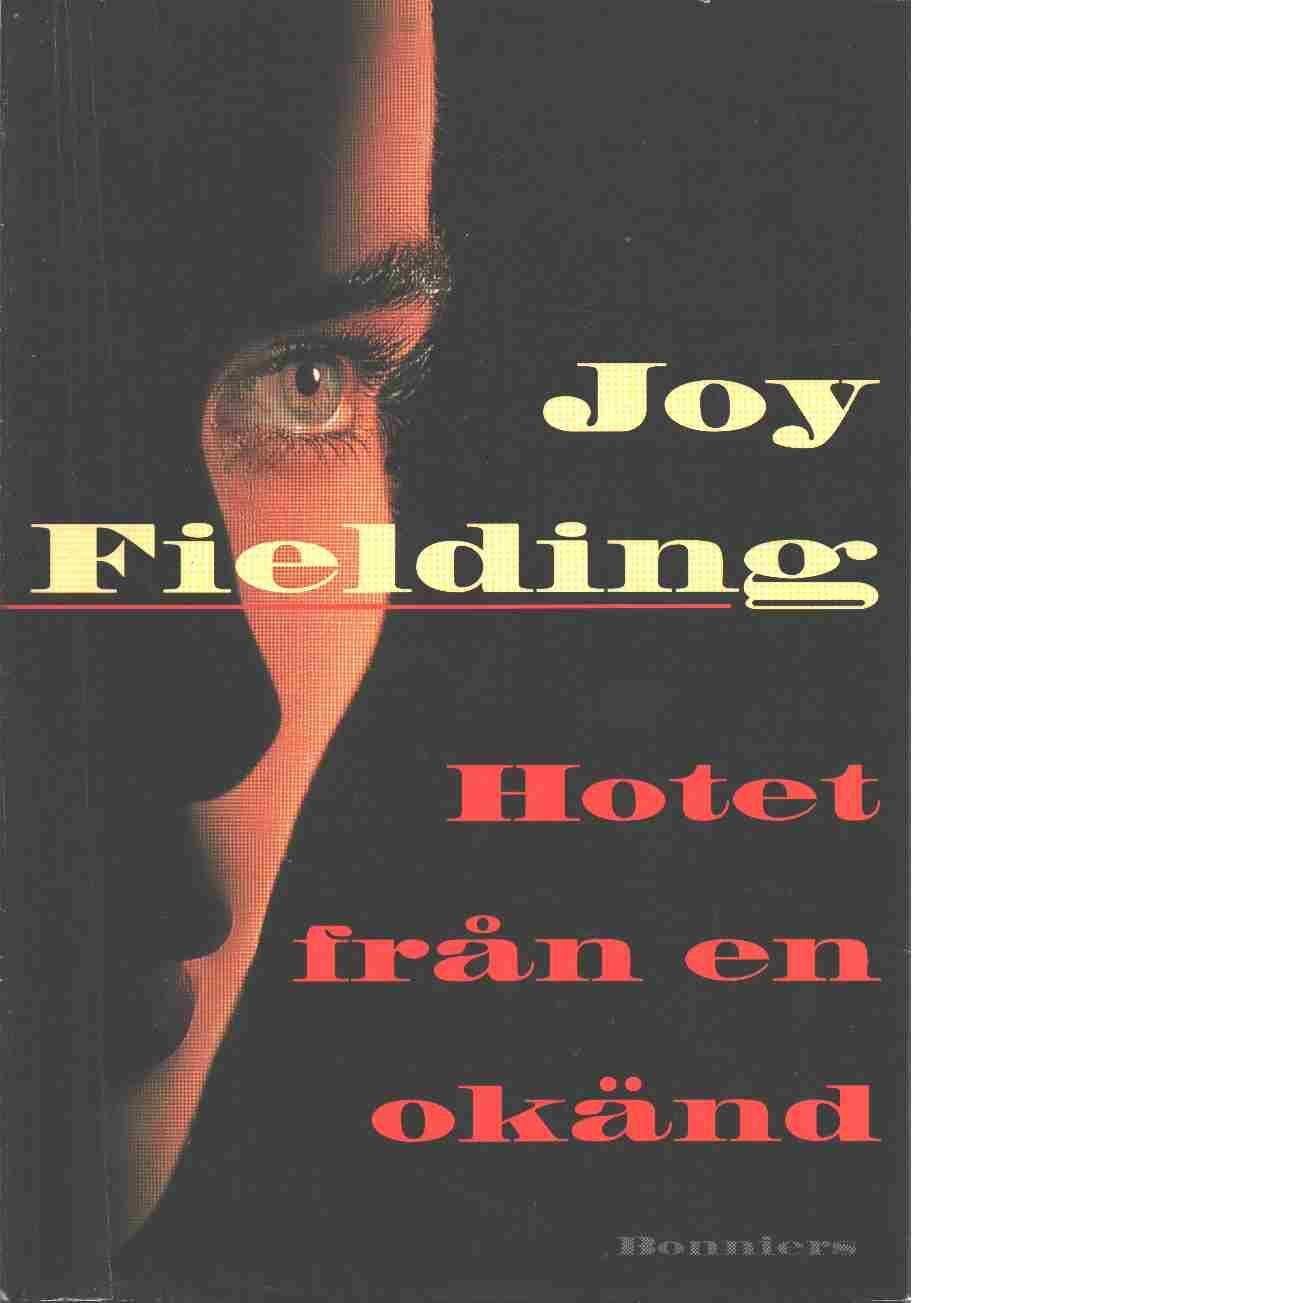 Hotet från en okänd - Fielding, Joy